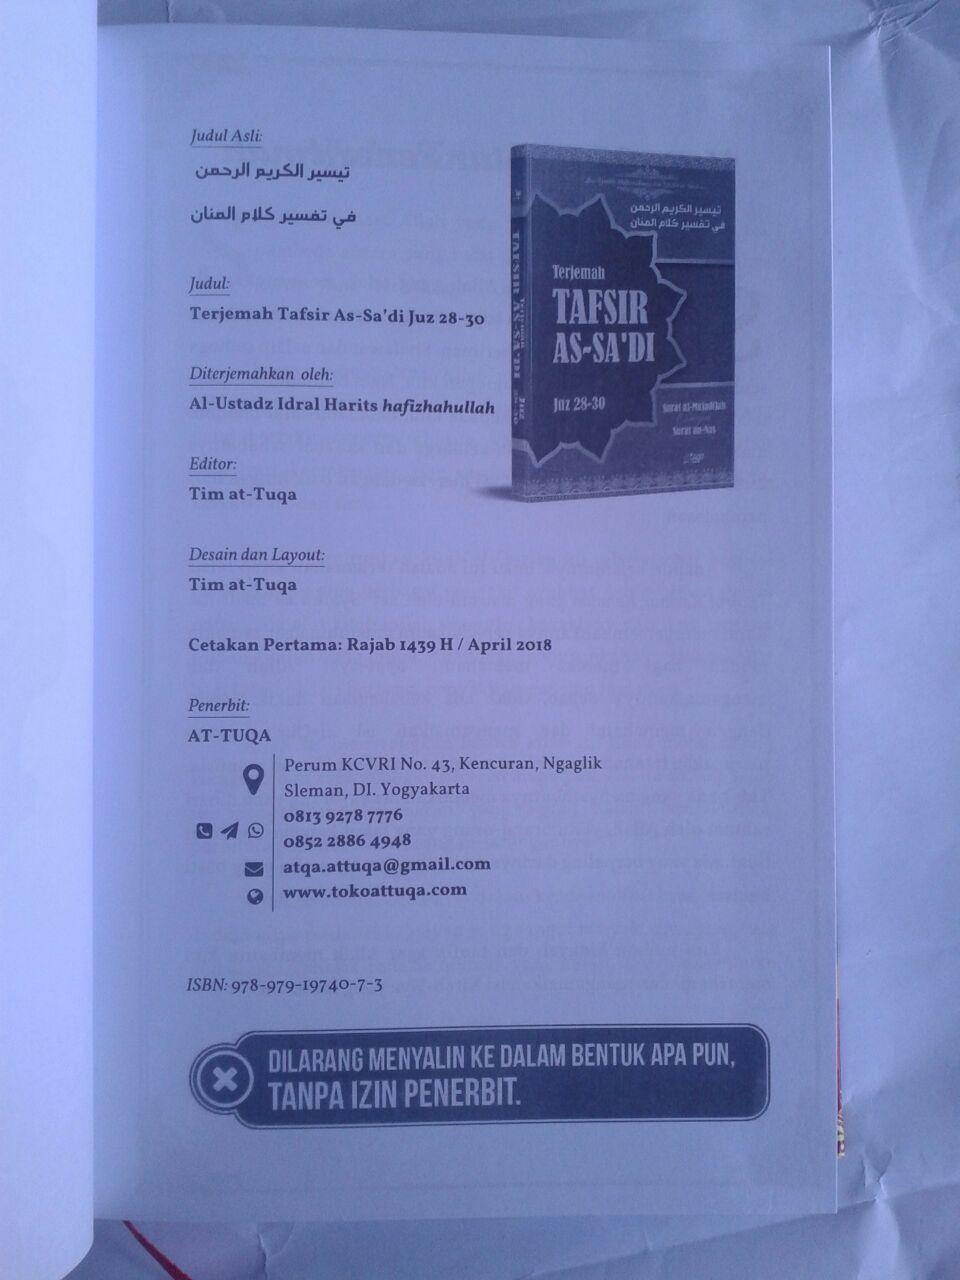 Buku Terjemah Tafsir As-Sa'di Juz 28-30 isi